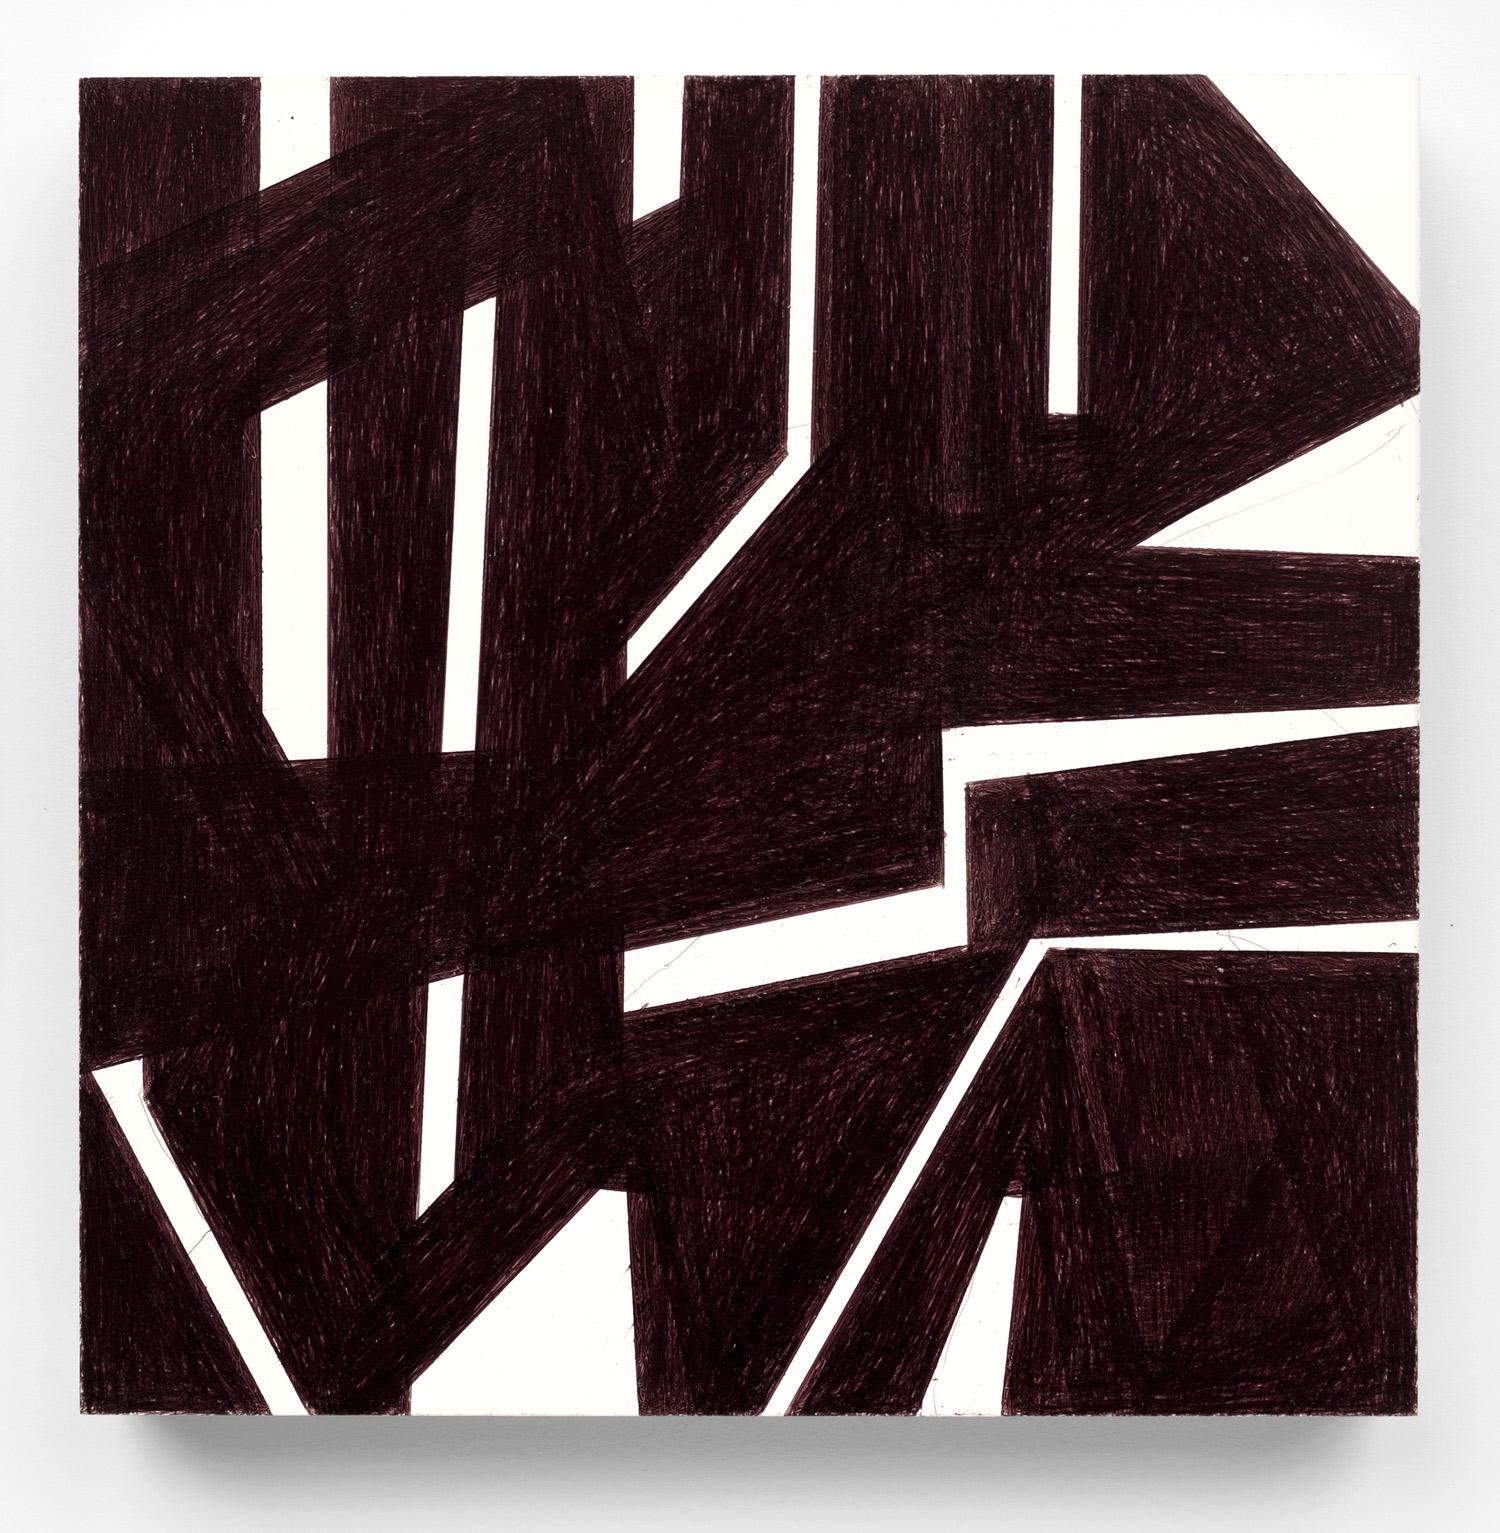 Untitled #22  2016, 6x6 in, ballpoint pen on clayboard